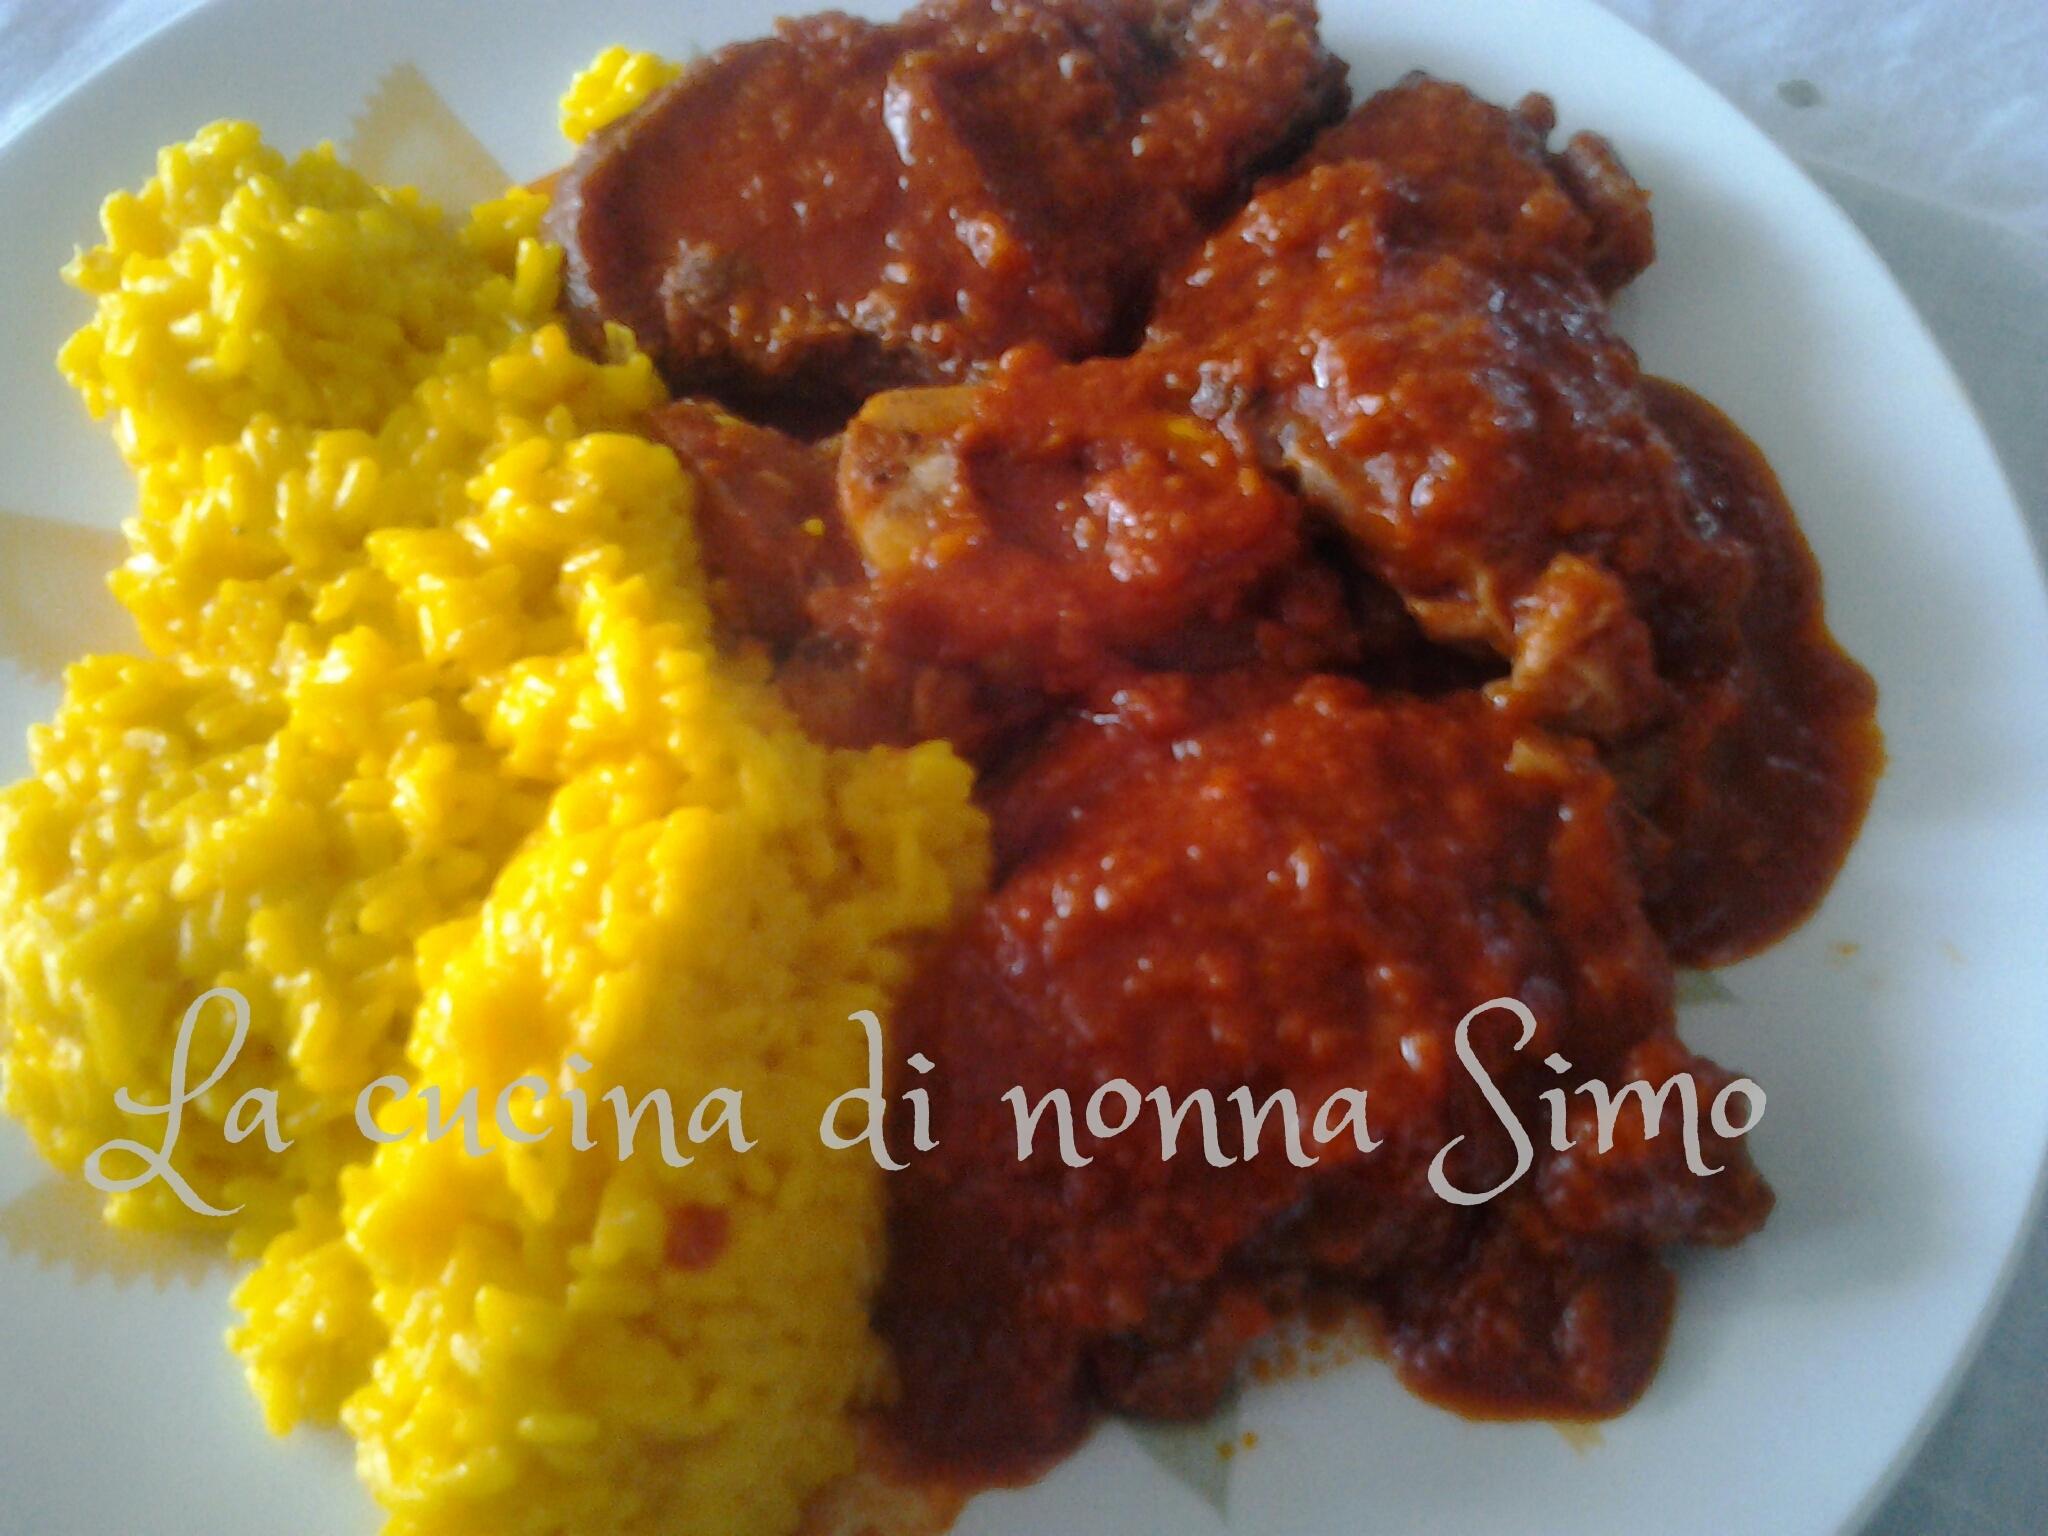 ossobuco con risotto allo zafferano - la cucina di nonna simo - Come Cucinare Gli Ossibuchi Di Manzo